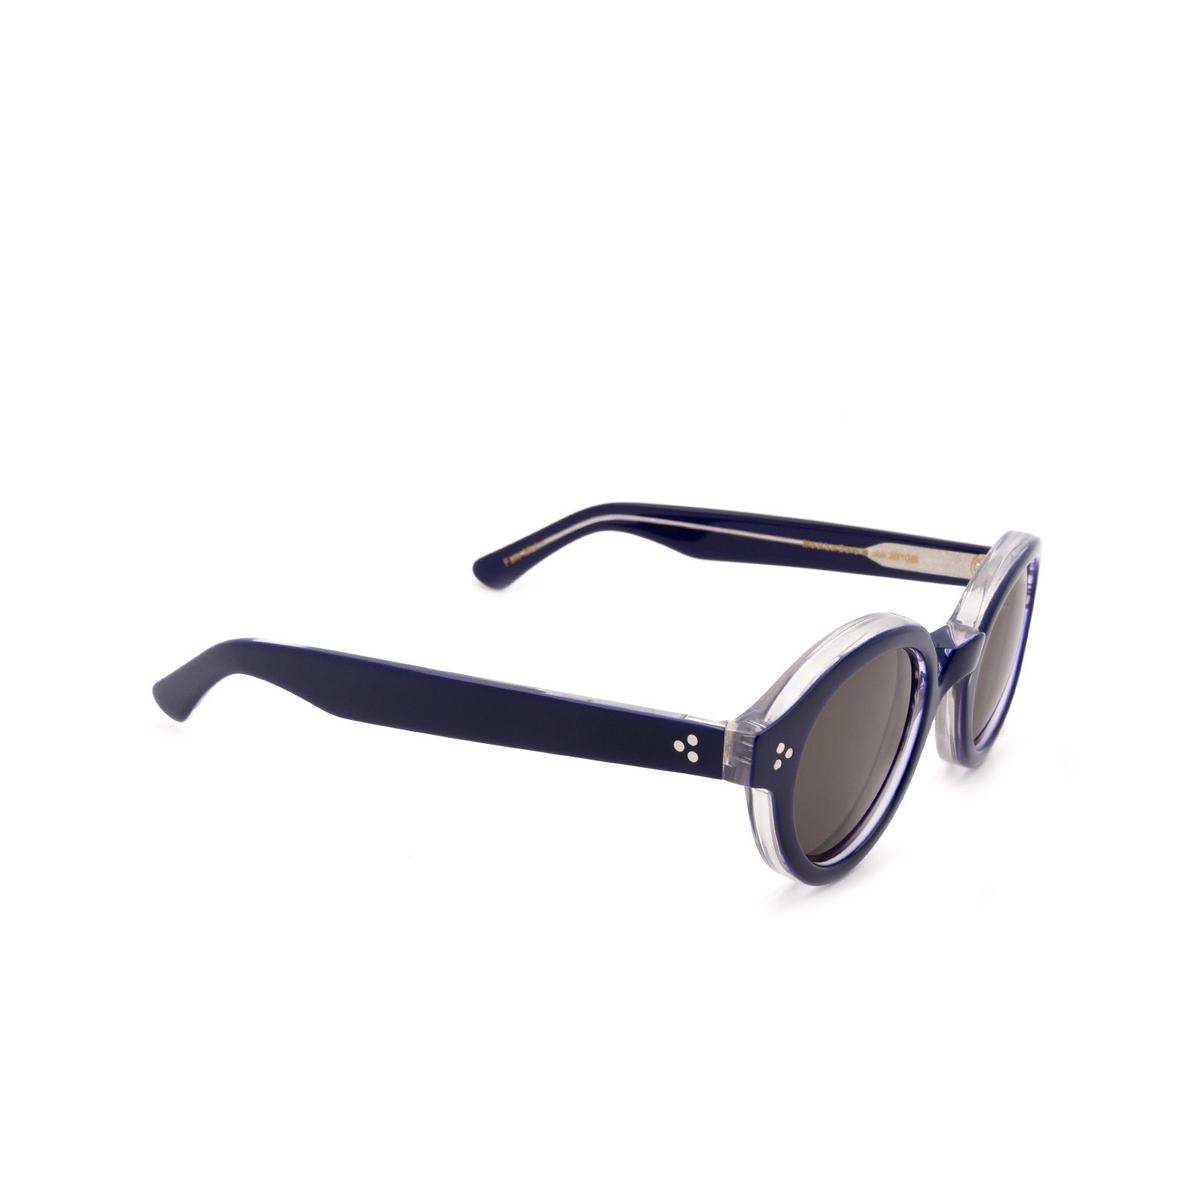 Lesca® Round Sunglasses: La Corbs color Blue 20108 - three-quarters view.